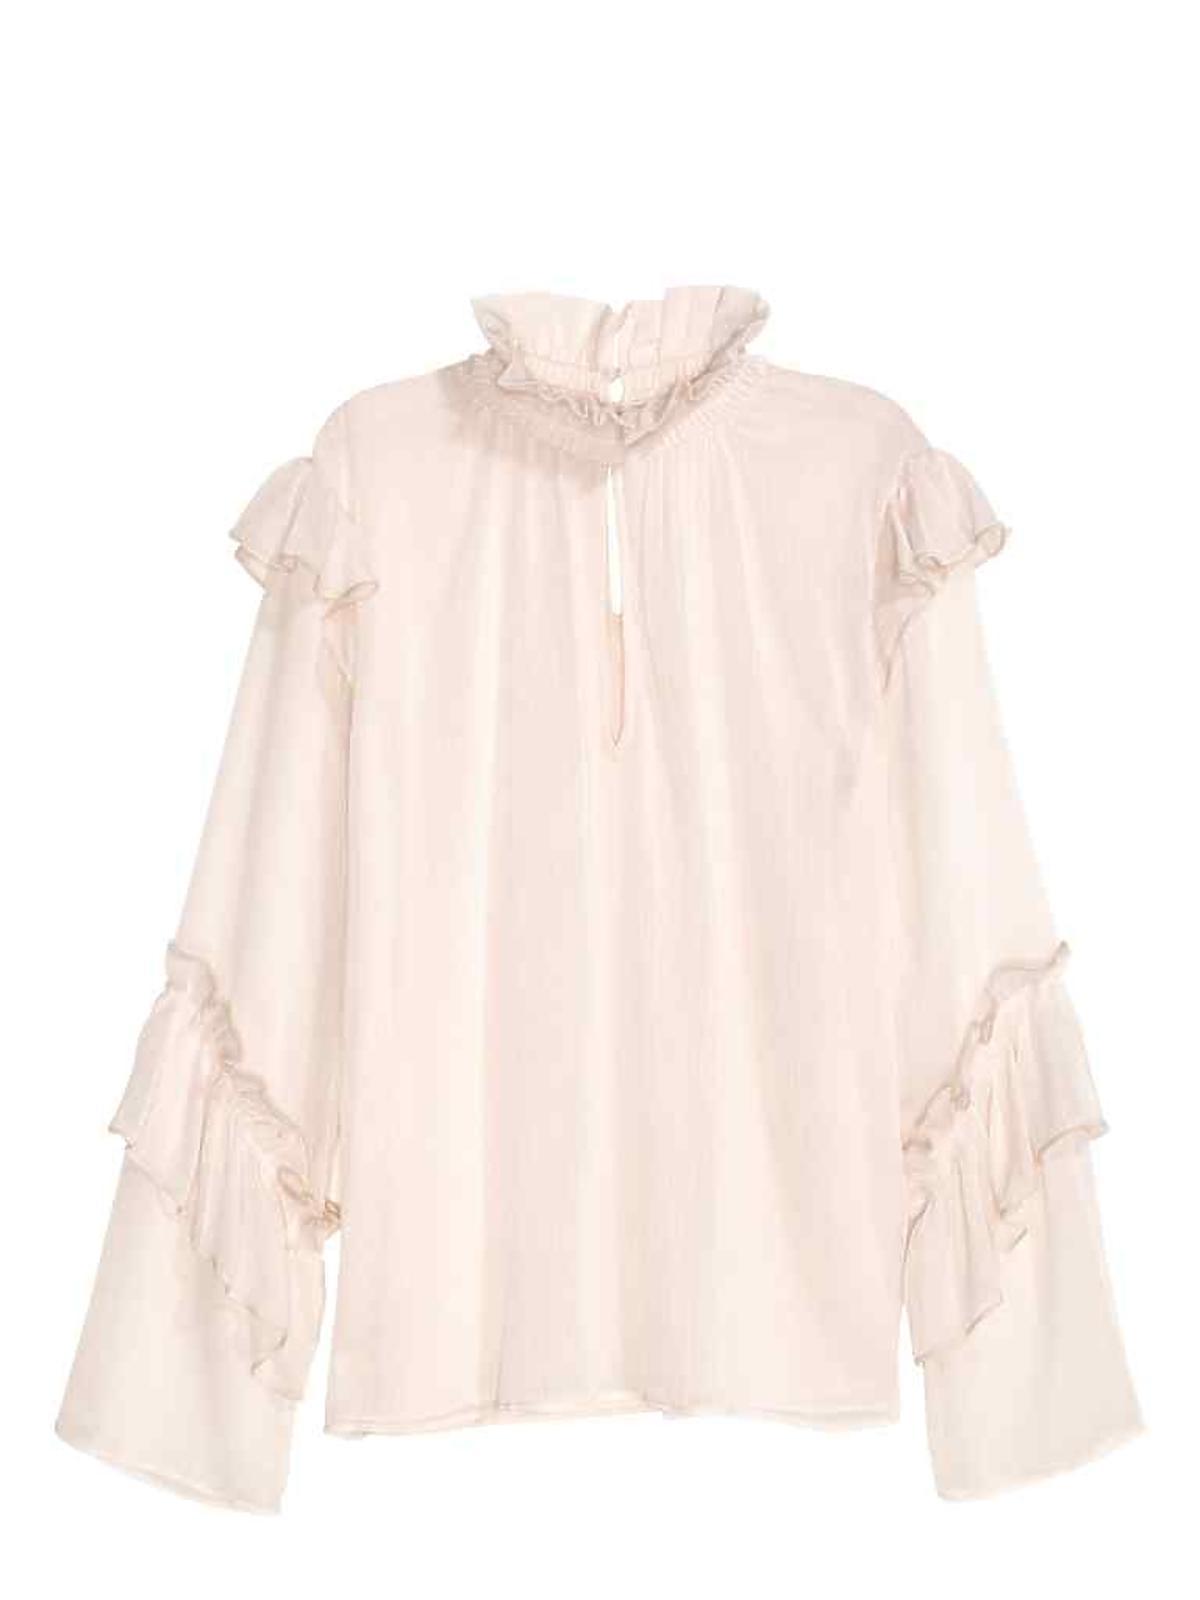 Wyprzedaże H&M zima 2016 - przeceny do 100 zł: Kreszowana bluzka z falbanami 90,90 PLN (było: 129,90 PLN )